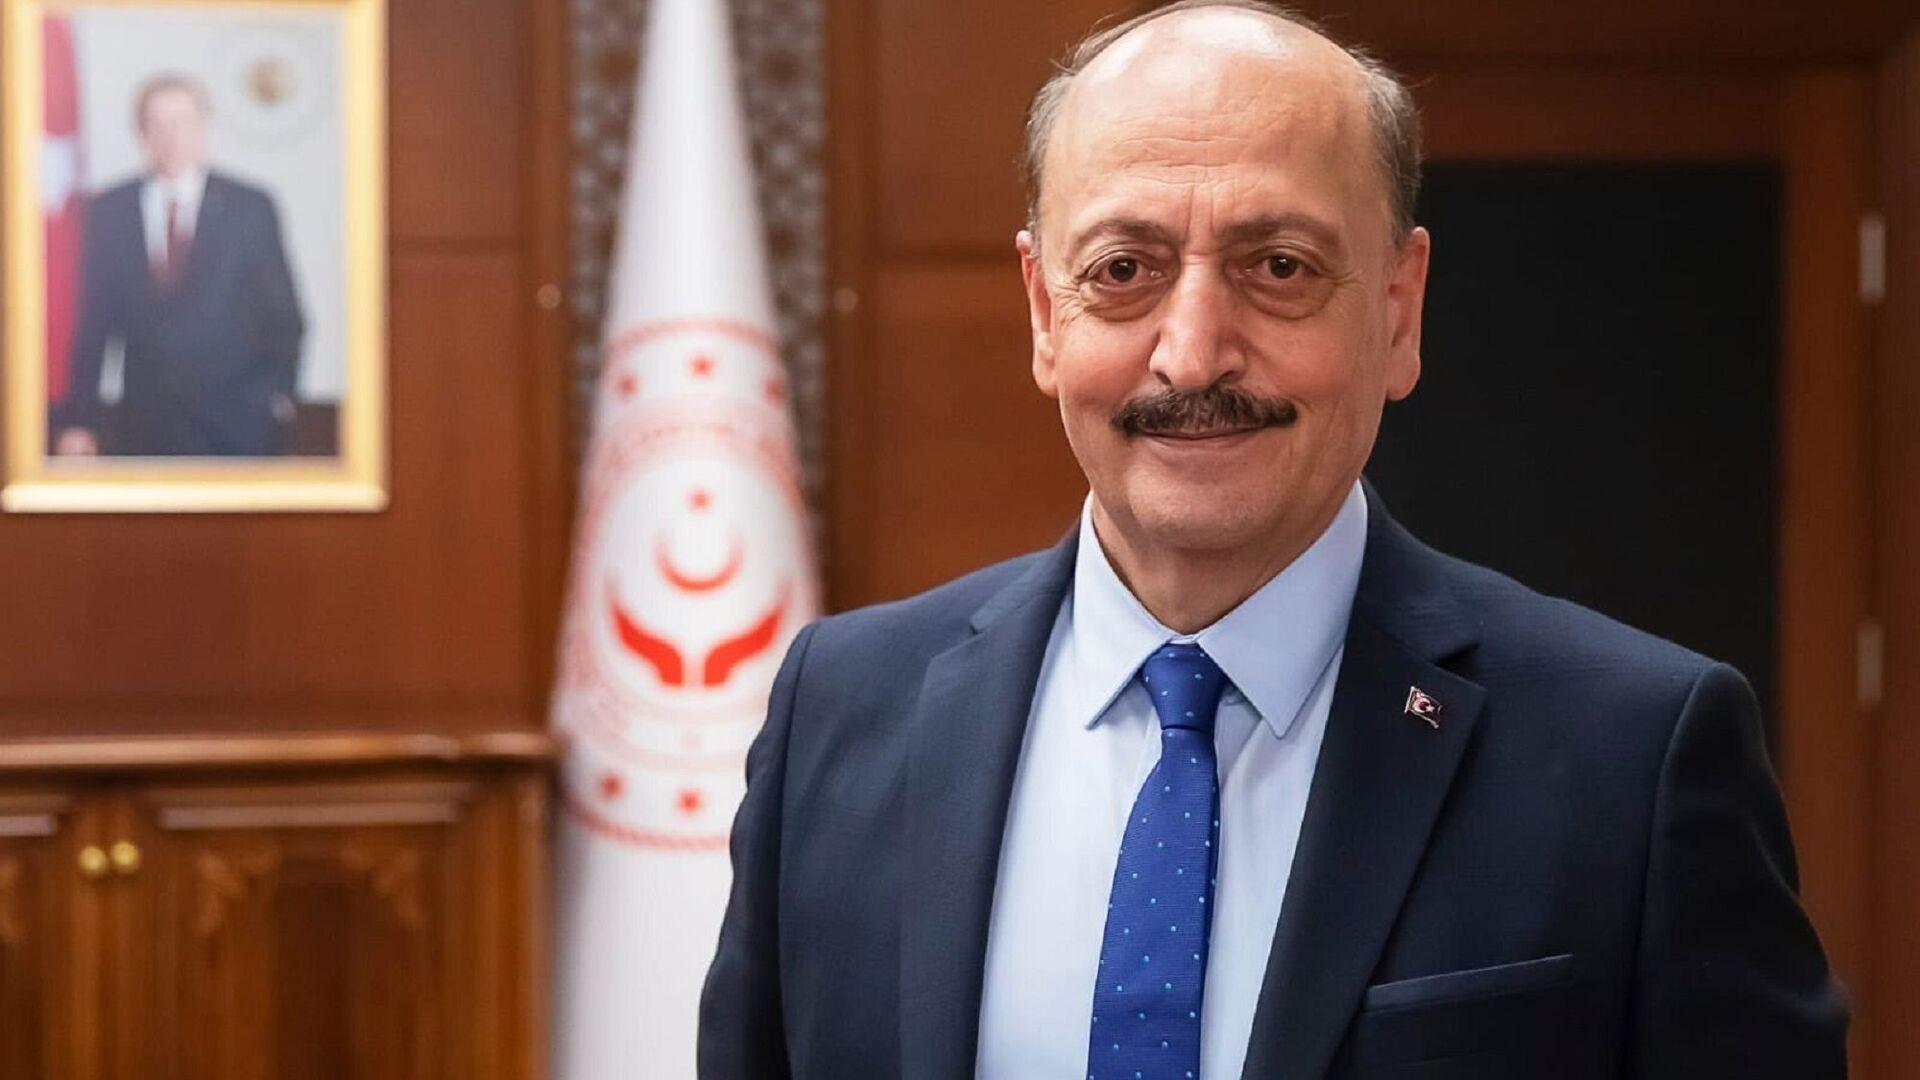 Çalışma ve Sosyal Güvenlik Bakanı Vedat Bilgin - Sputnik Türkiye, 1920, 30.07.2021